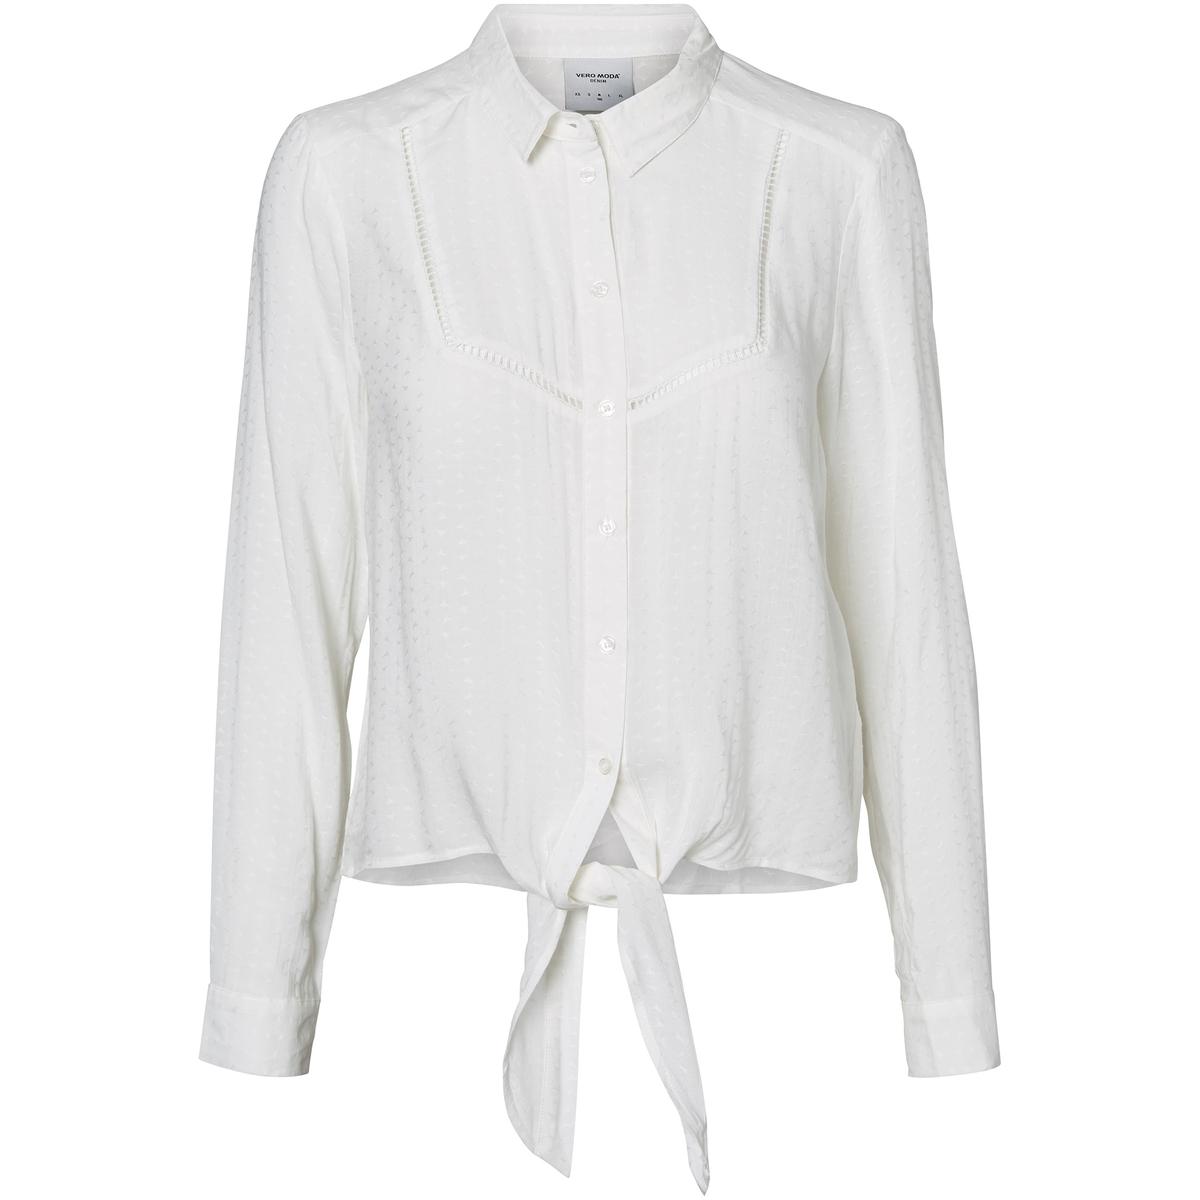 Блузка с длинными рукавами, пояс с завязкамиДетали  •  Длинные рукава •  Прямой покрой •  Круглый вырезСостав и уход  •  100% вискоза •  Следуйте рекомендациям по уходу, указанным на этикетке изделия<br><br>Цвет: слоновая кость<br>Размер: XL